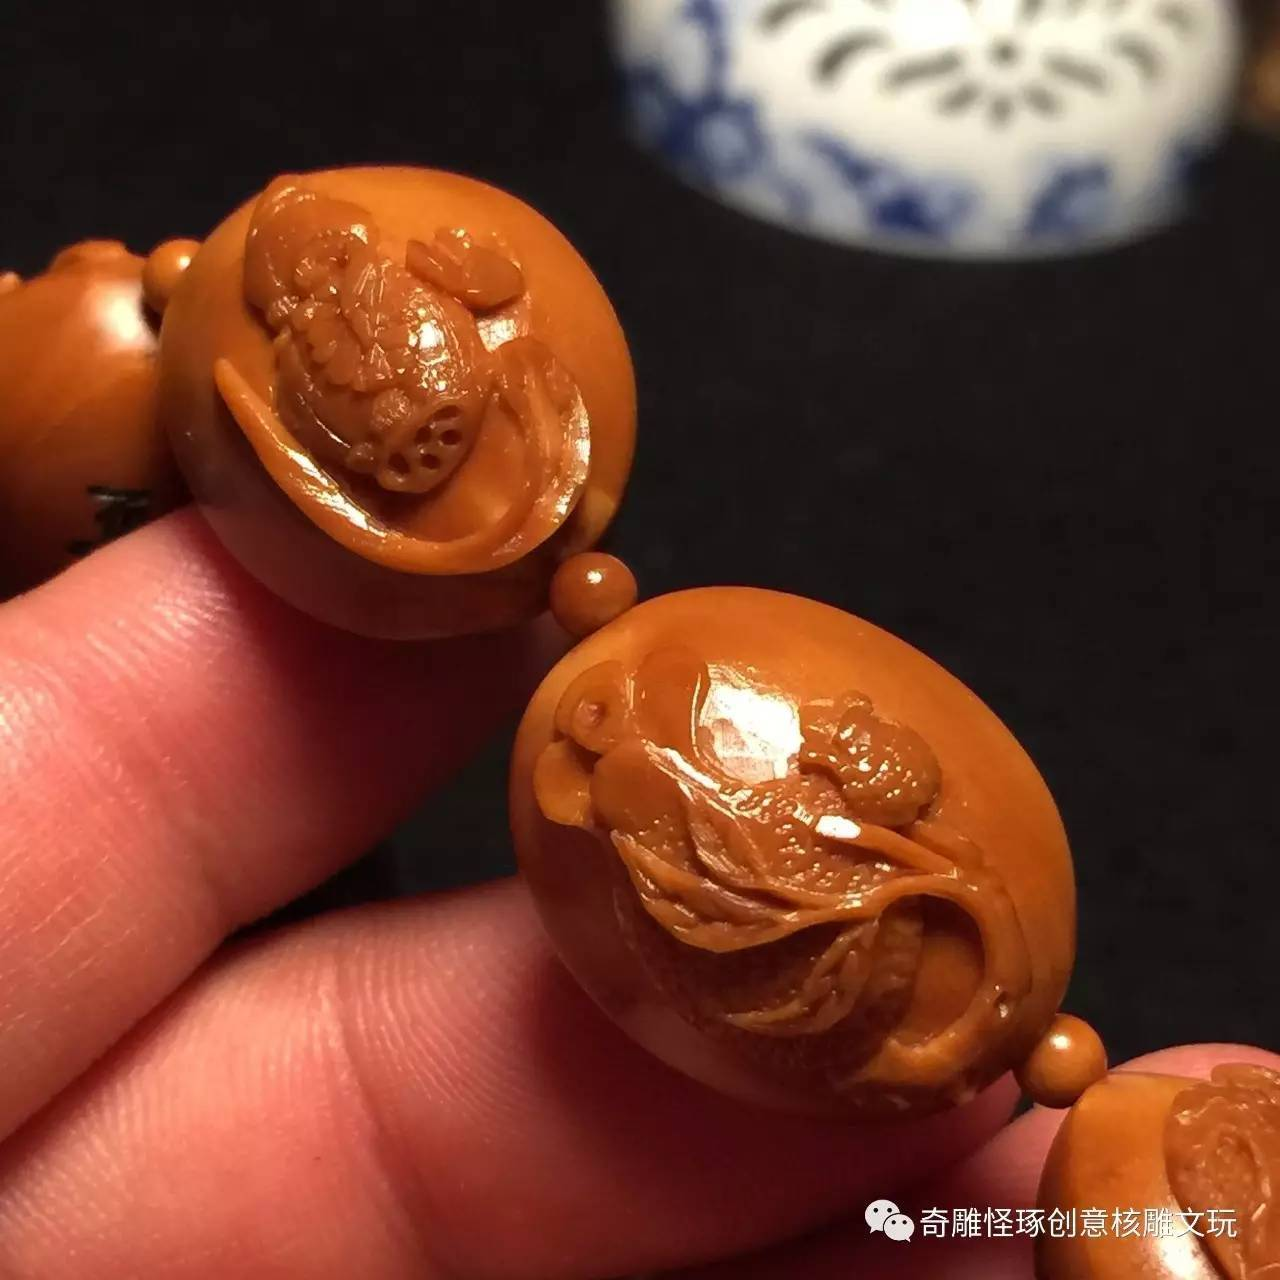 橄榄核纯手工雕刻之---精工浮雕五福临门-宽2.1多,长2.